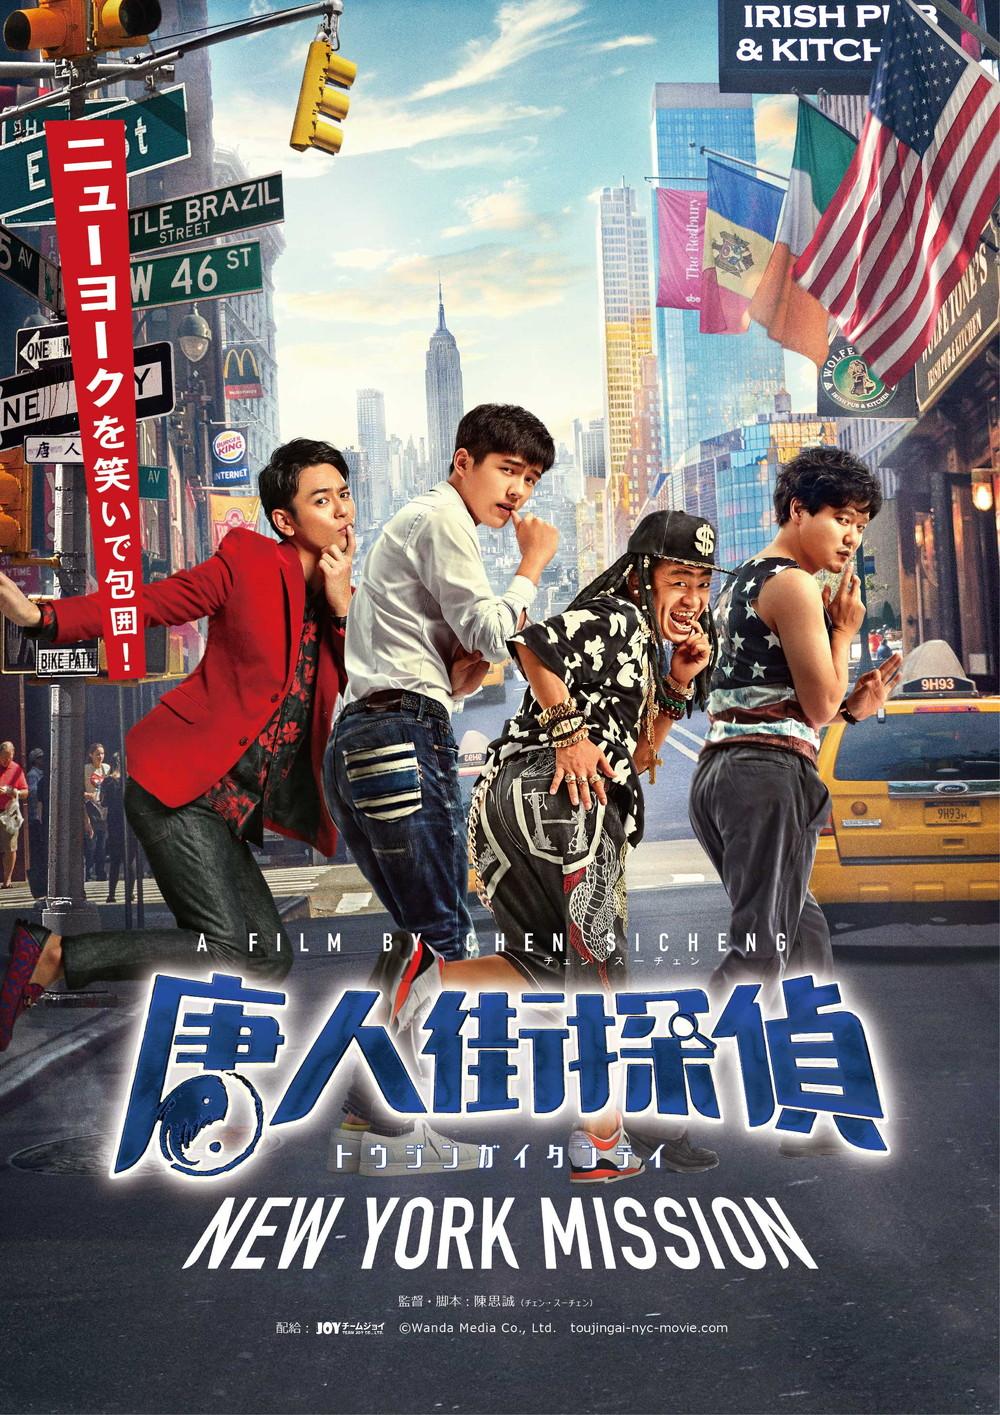 『唐人街探偵NEWYORKMISSION』本ポスター